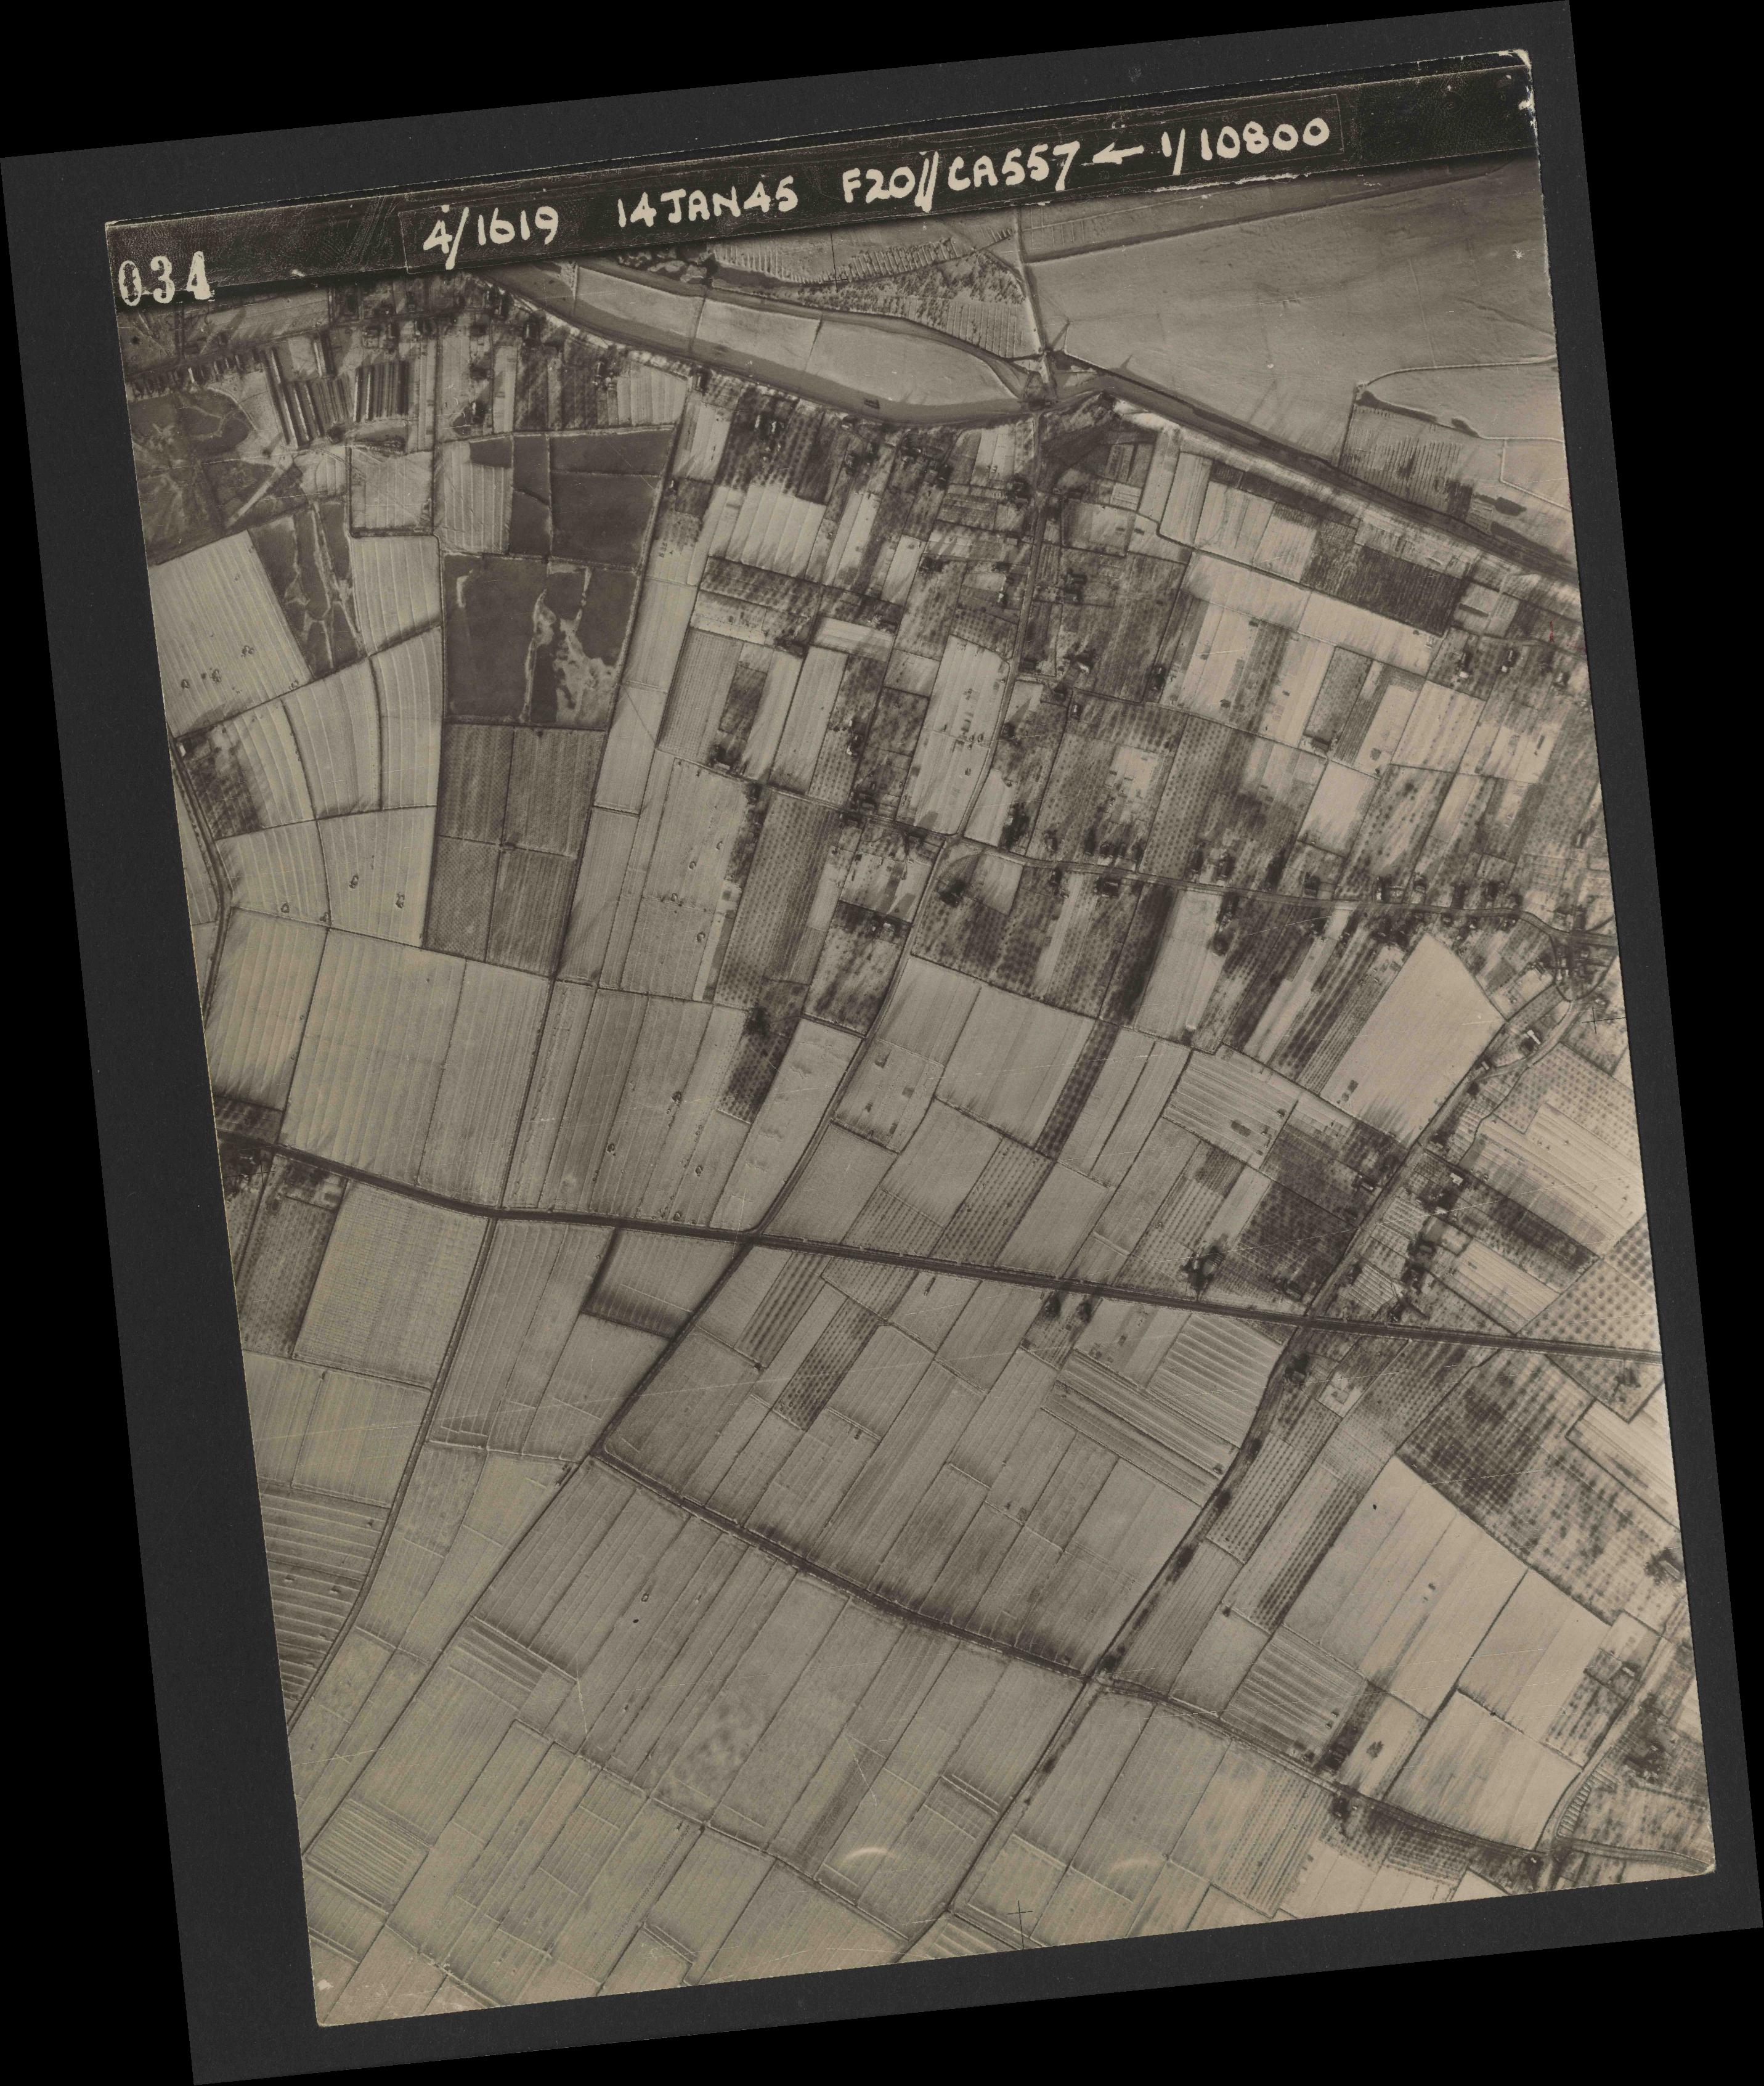 Collection RAF aerial photos 1940-1945 - flight 291, run 05, photo 4034